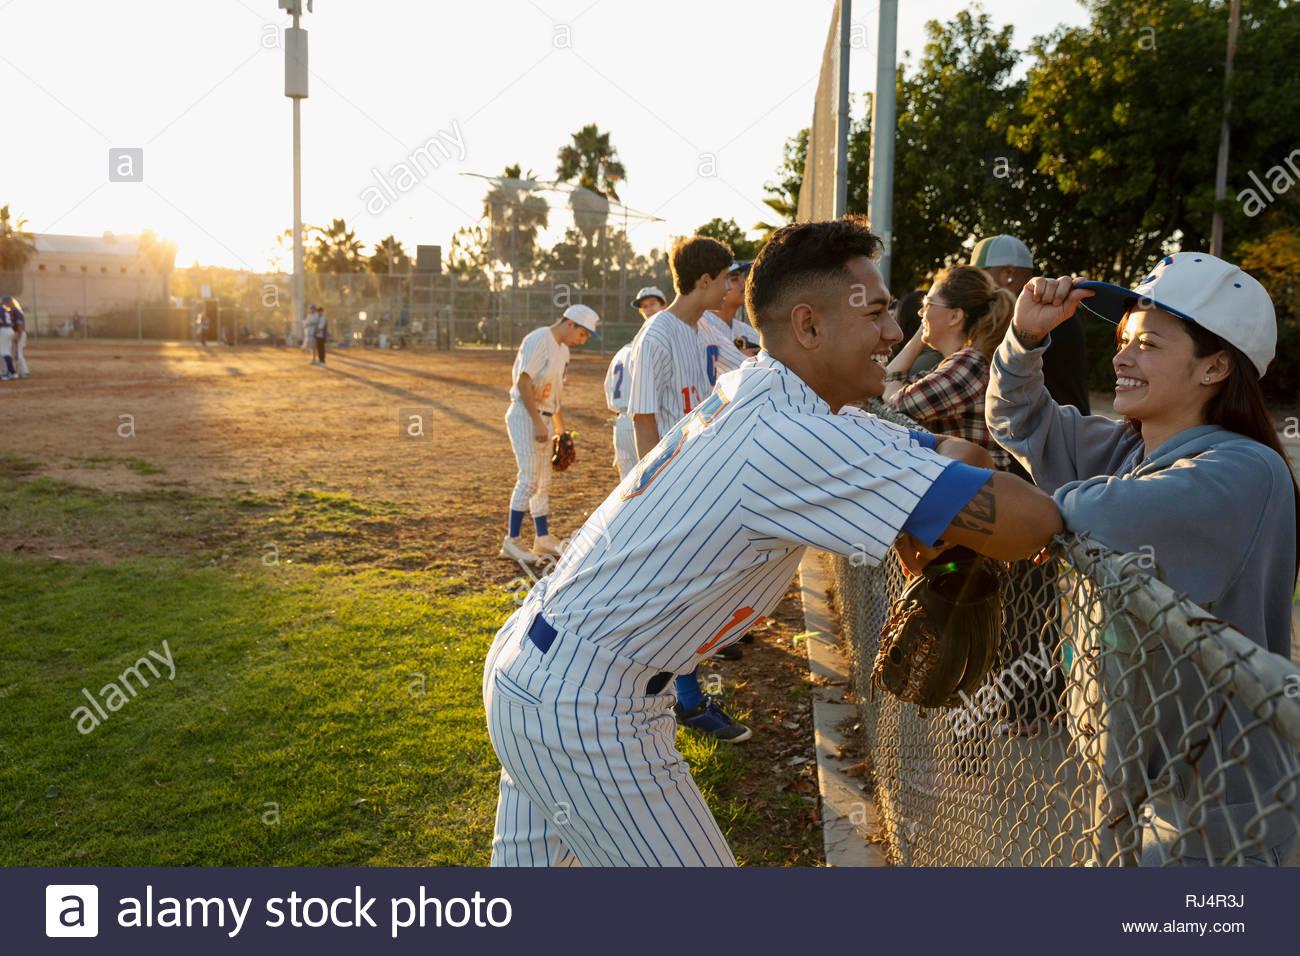 Jugador de béisbol feliz hablando a la novia en la regleta Imagen De Stock